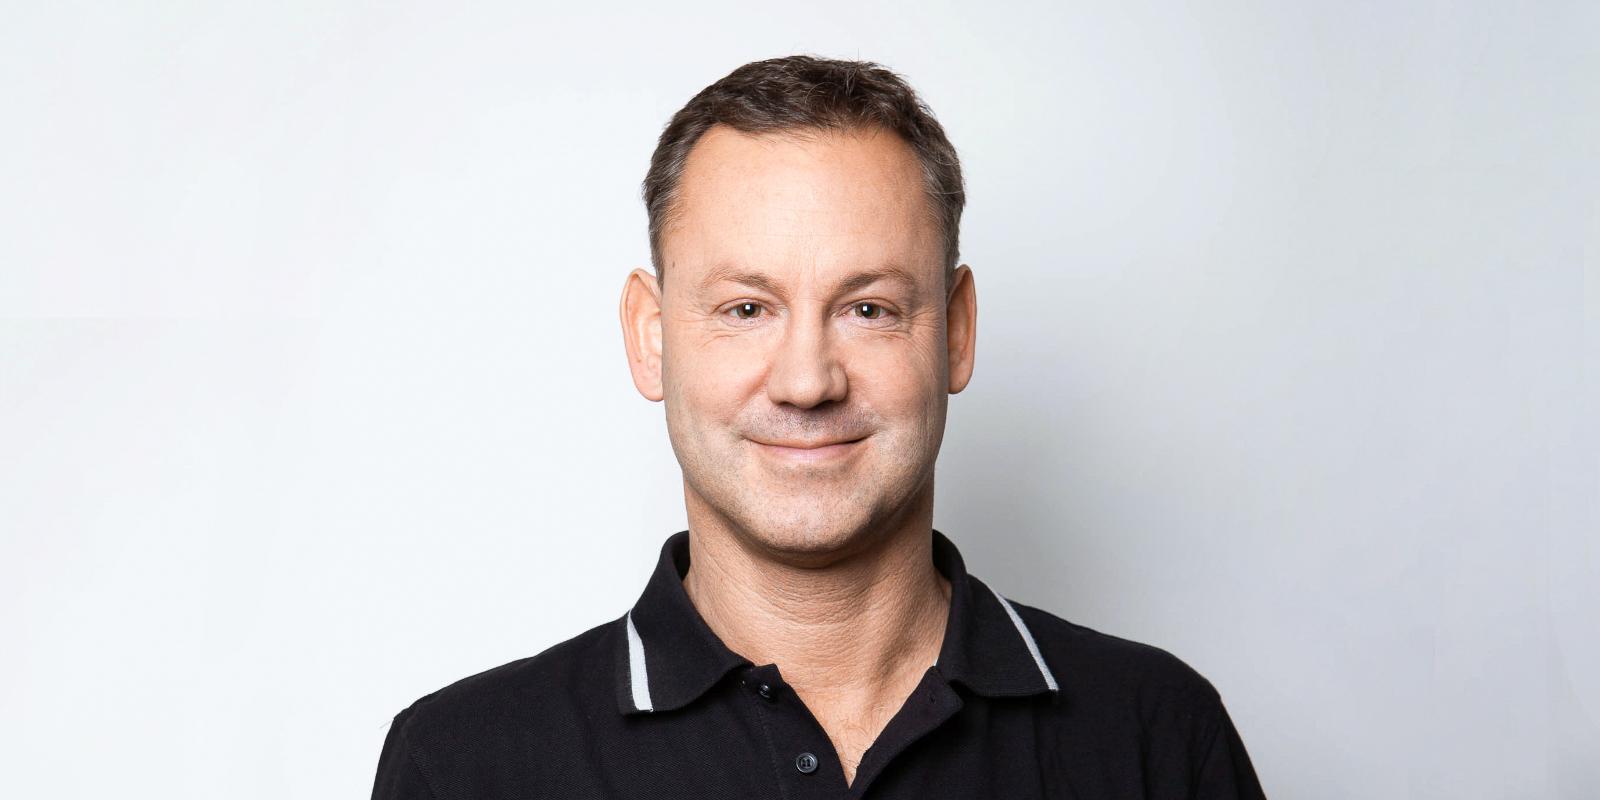 PD Dr. med. univ. Sebastian Leibl